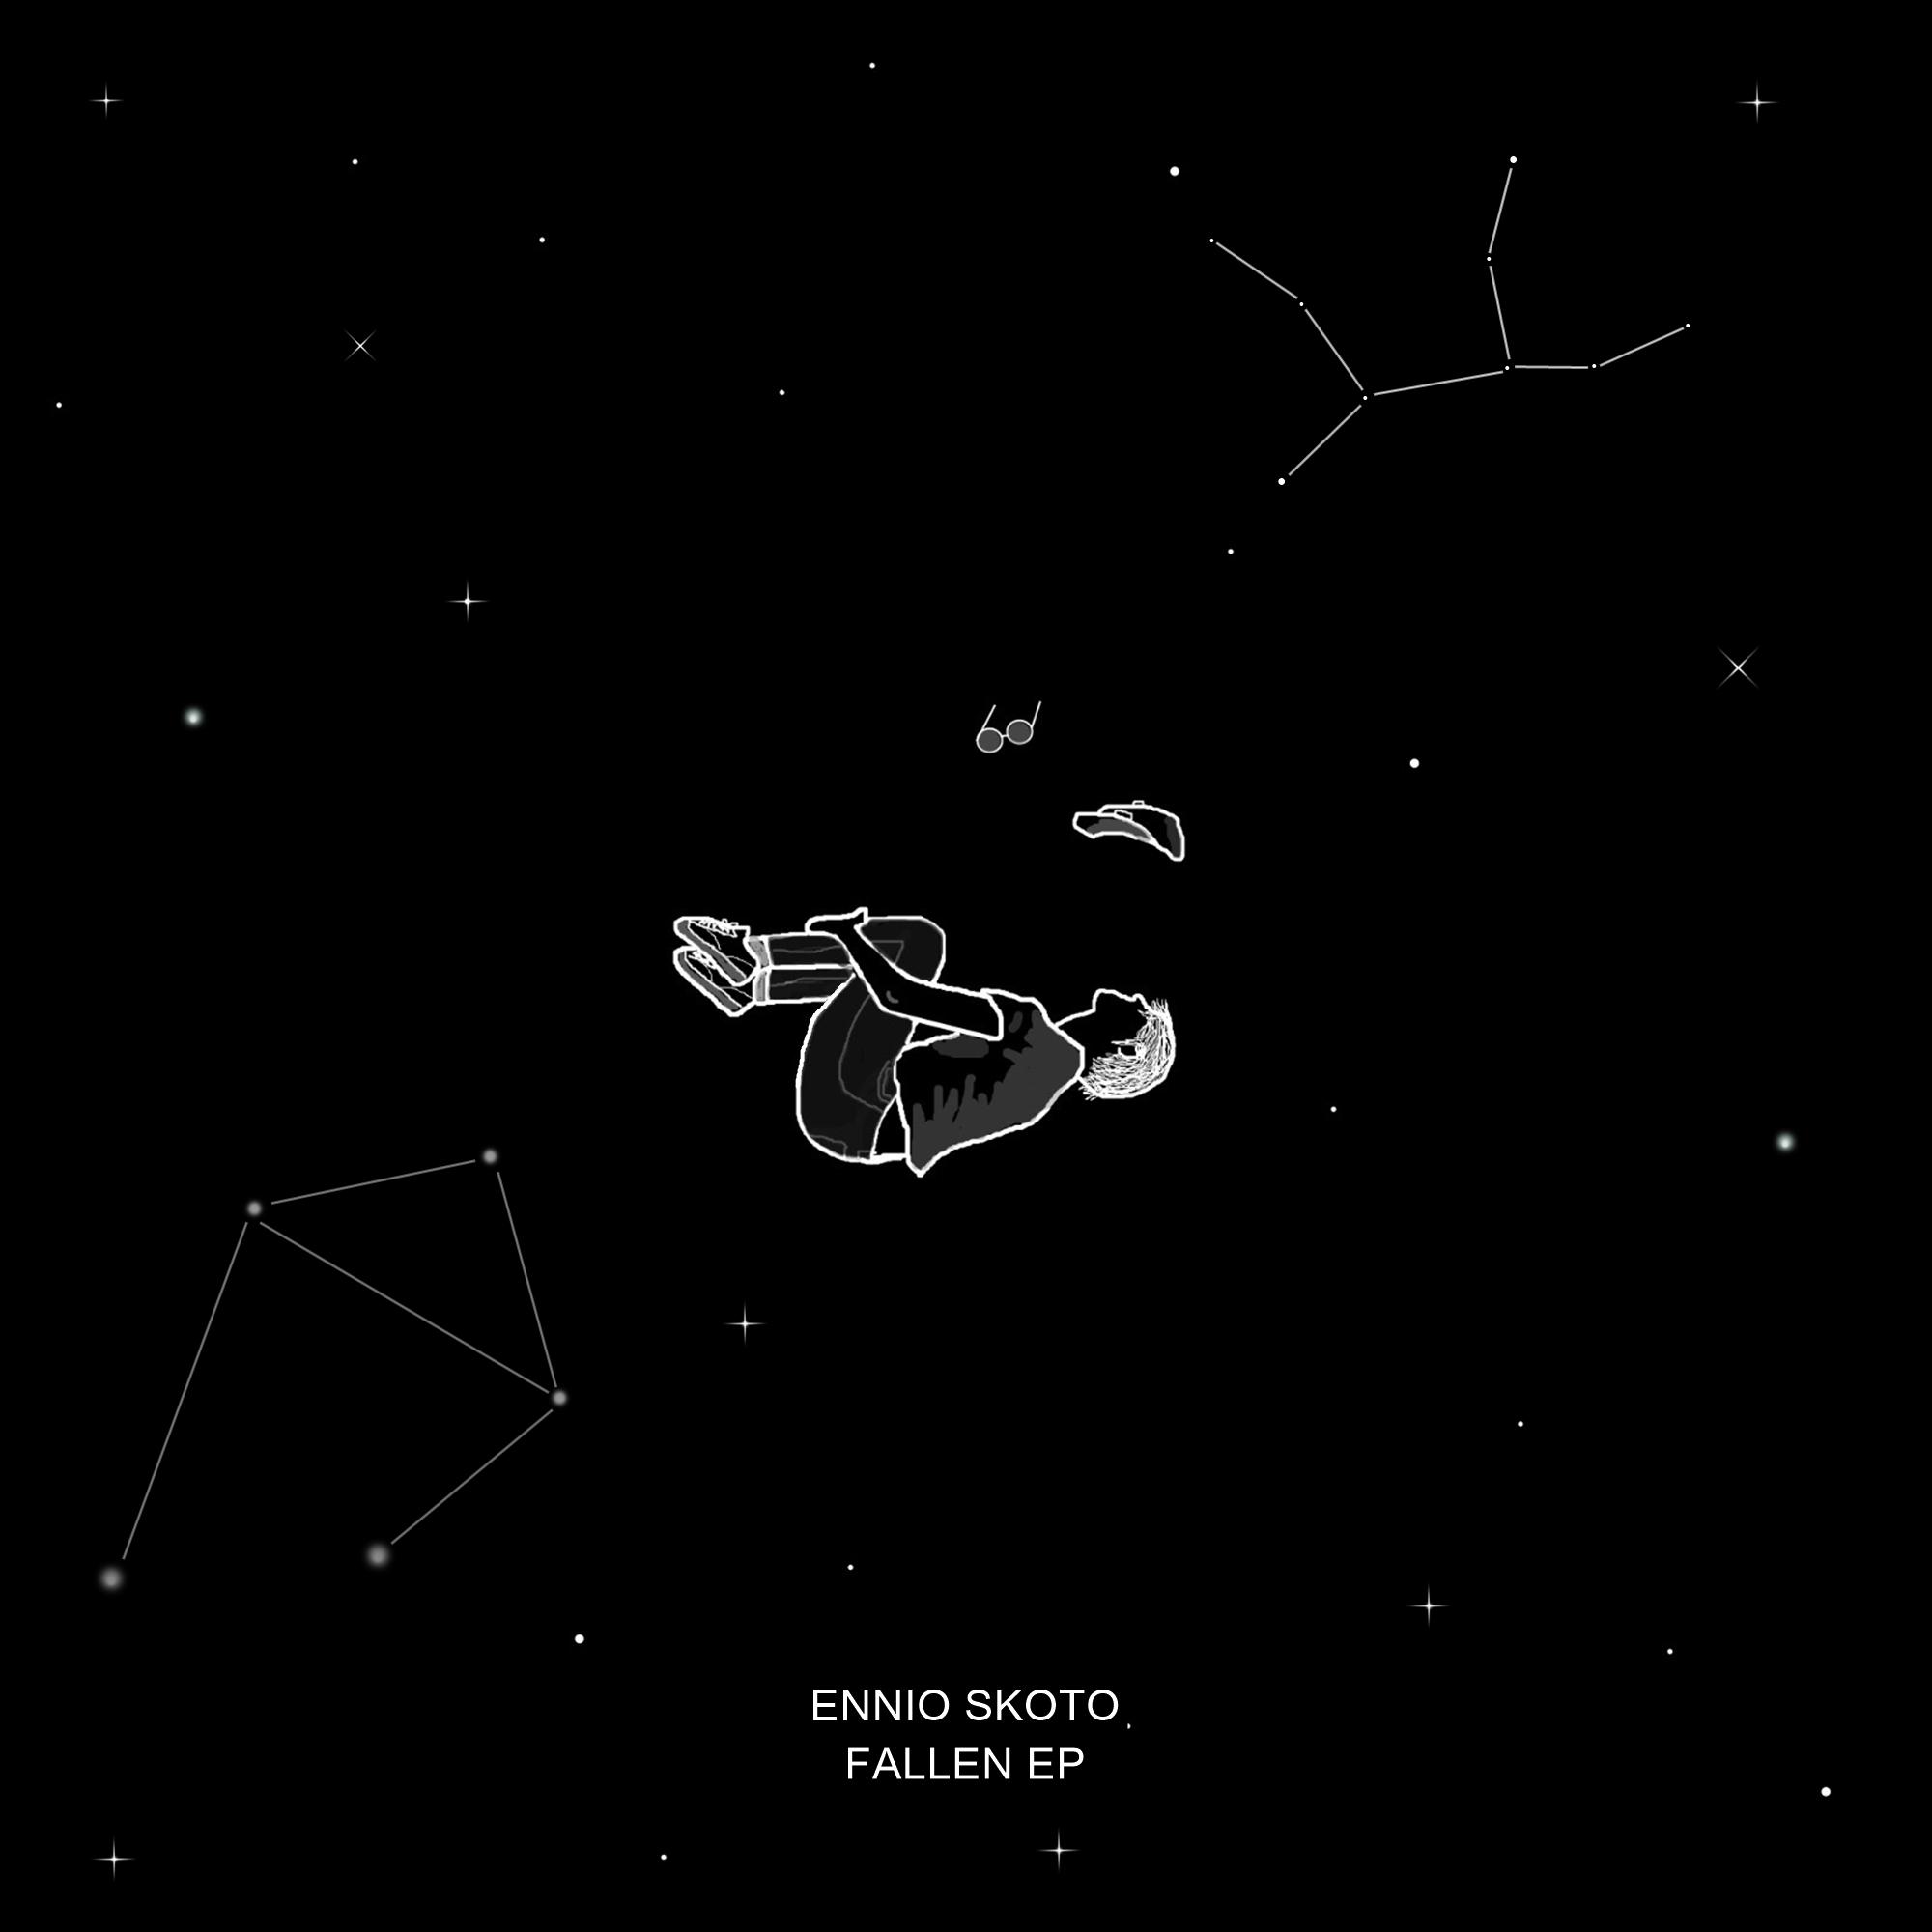 Ennio Skoto-Fallen EP__MITELDICO-MDO11-miteldicoATgmail.com